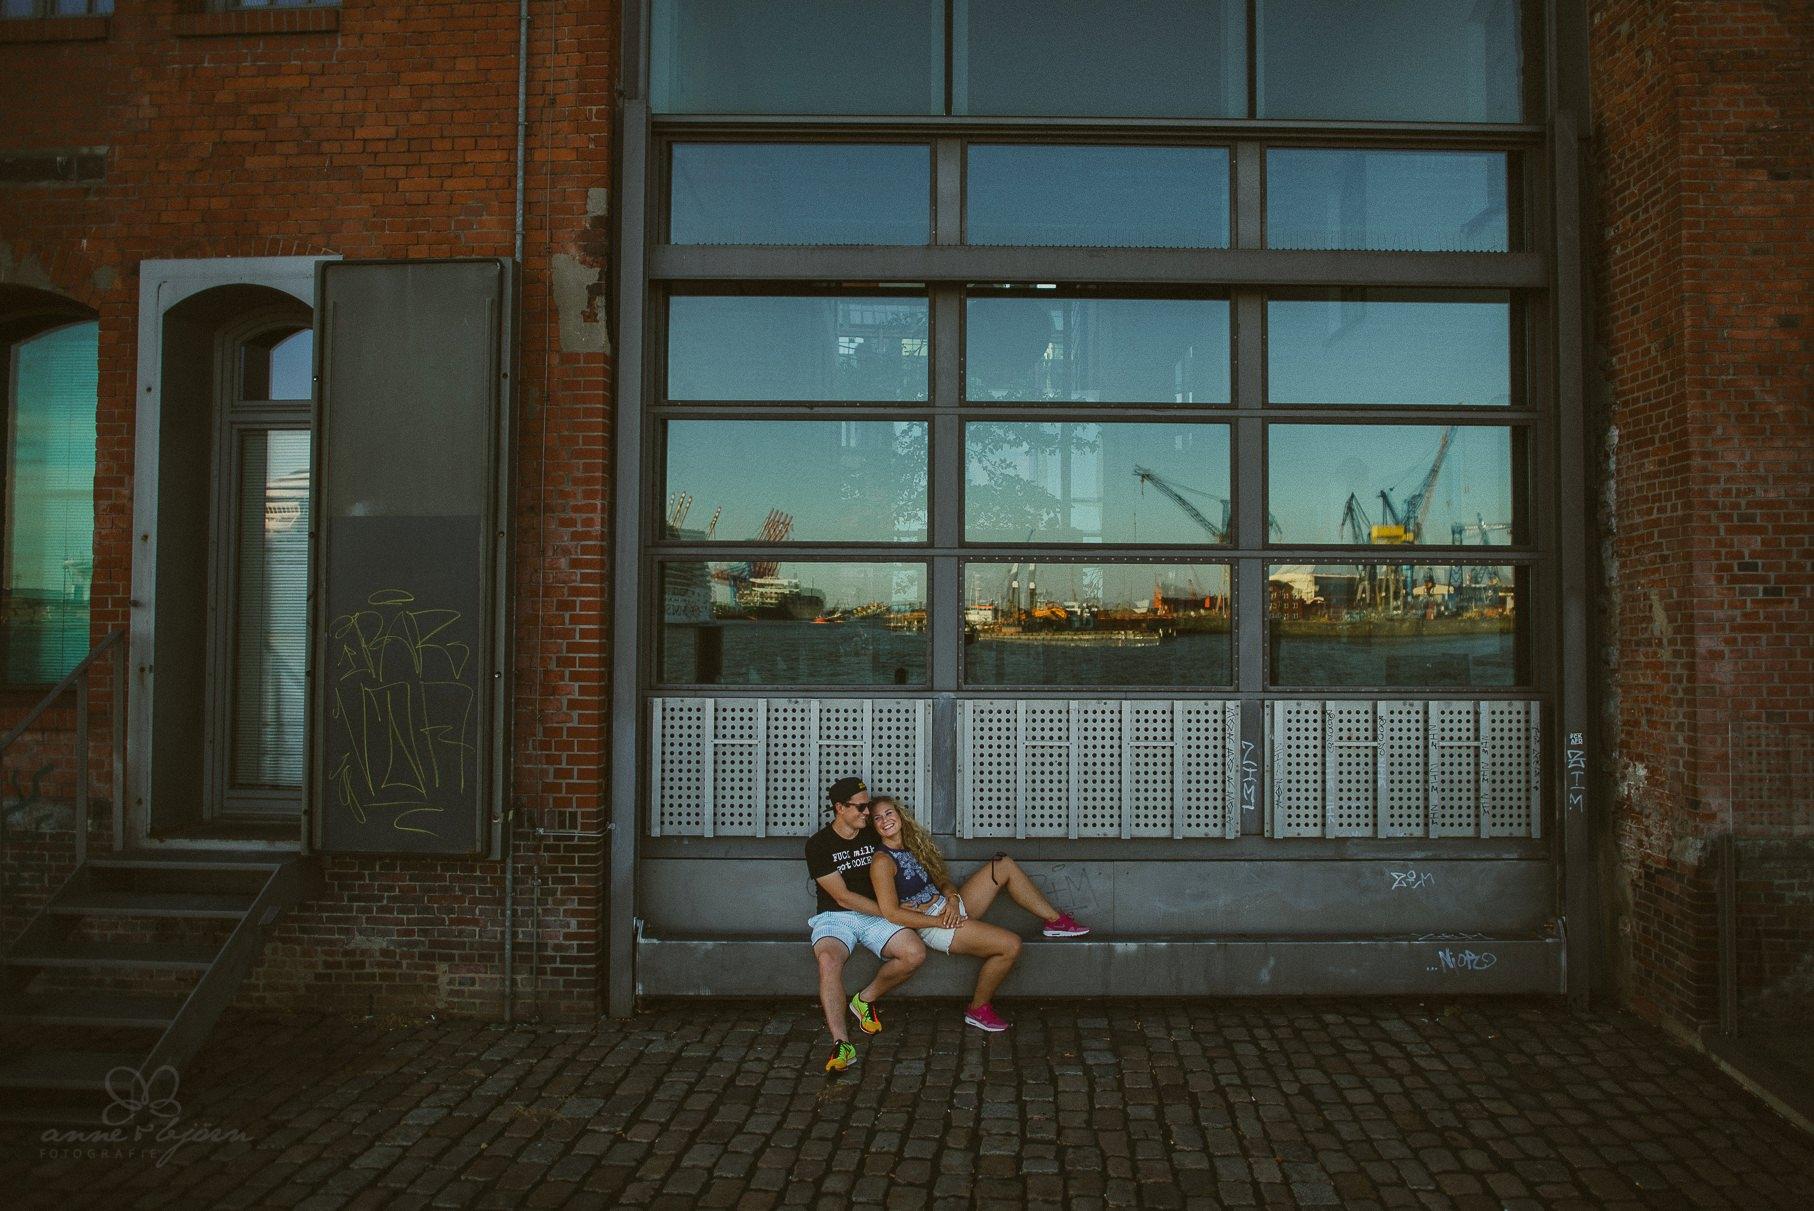 0011 dany und basti engagement hh d75 4928 - Sommerliches Verlobungsshooting in Hamburg - Dany & Basti